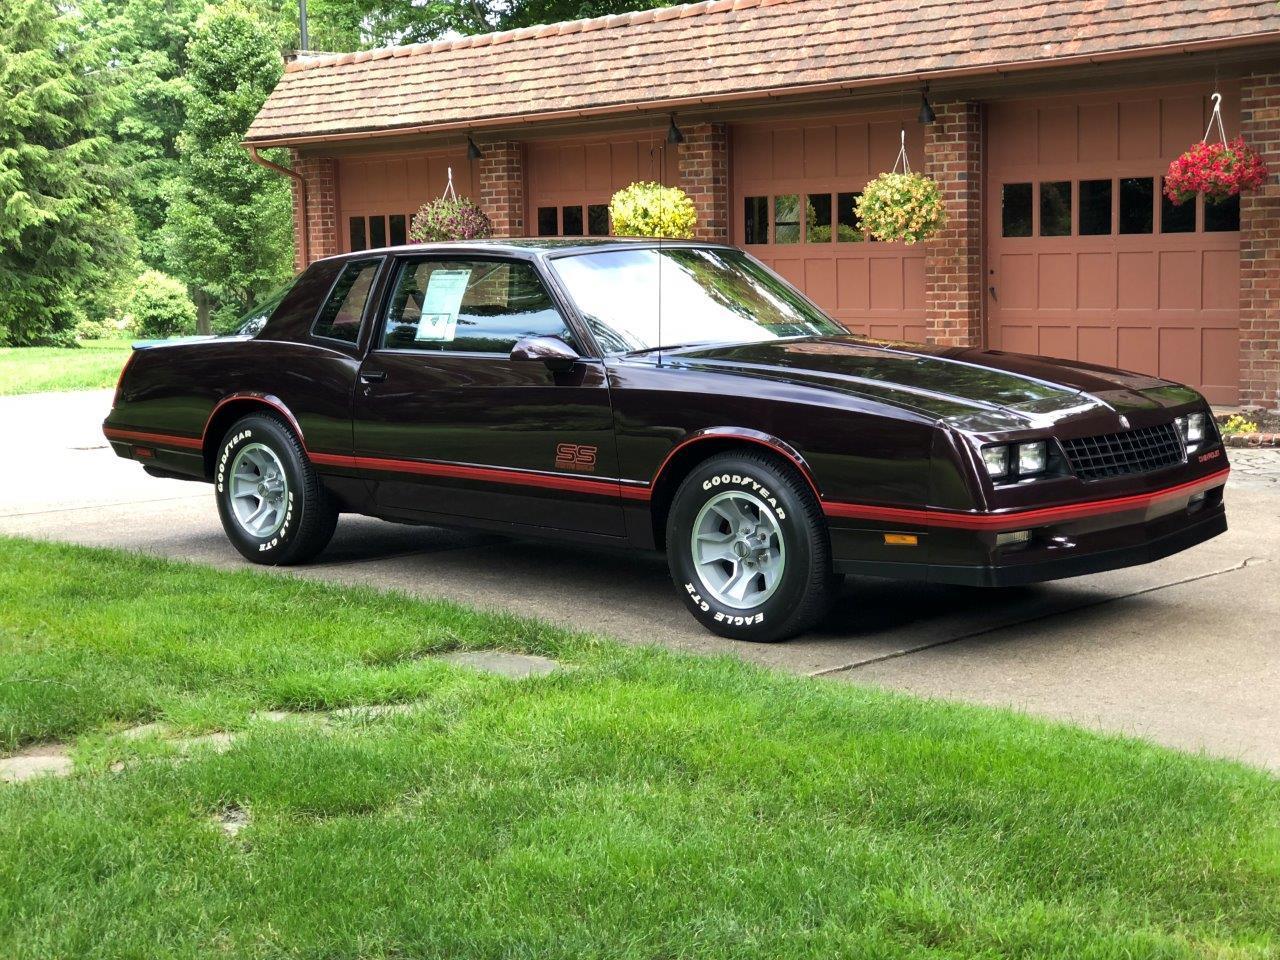 1987 Chevrolet Monte Carlo Ss Aerocoupe For Sale Classiccars Com